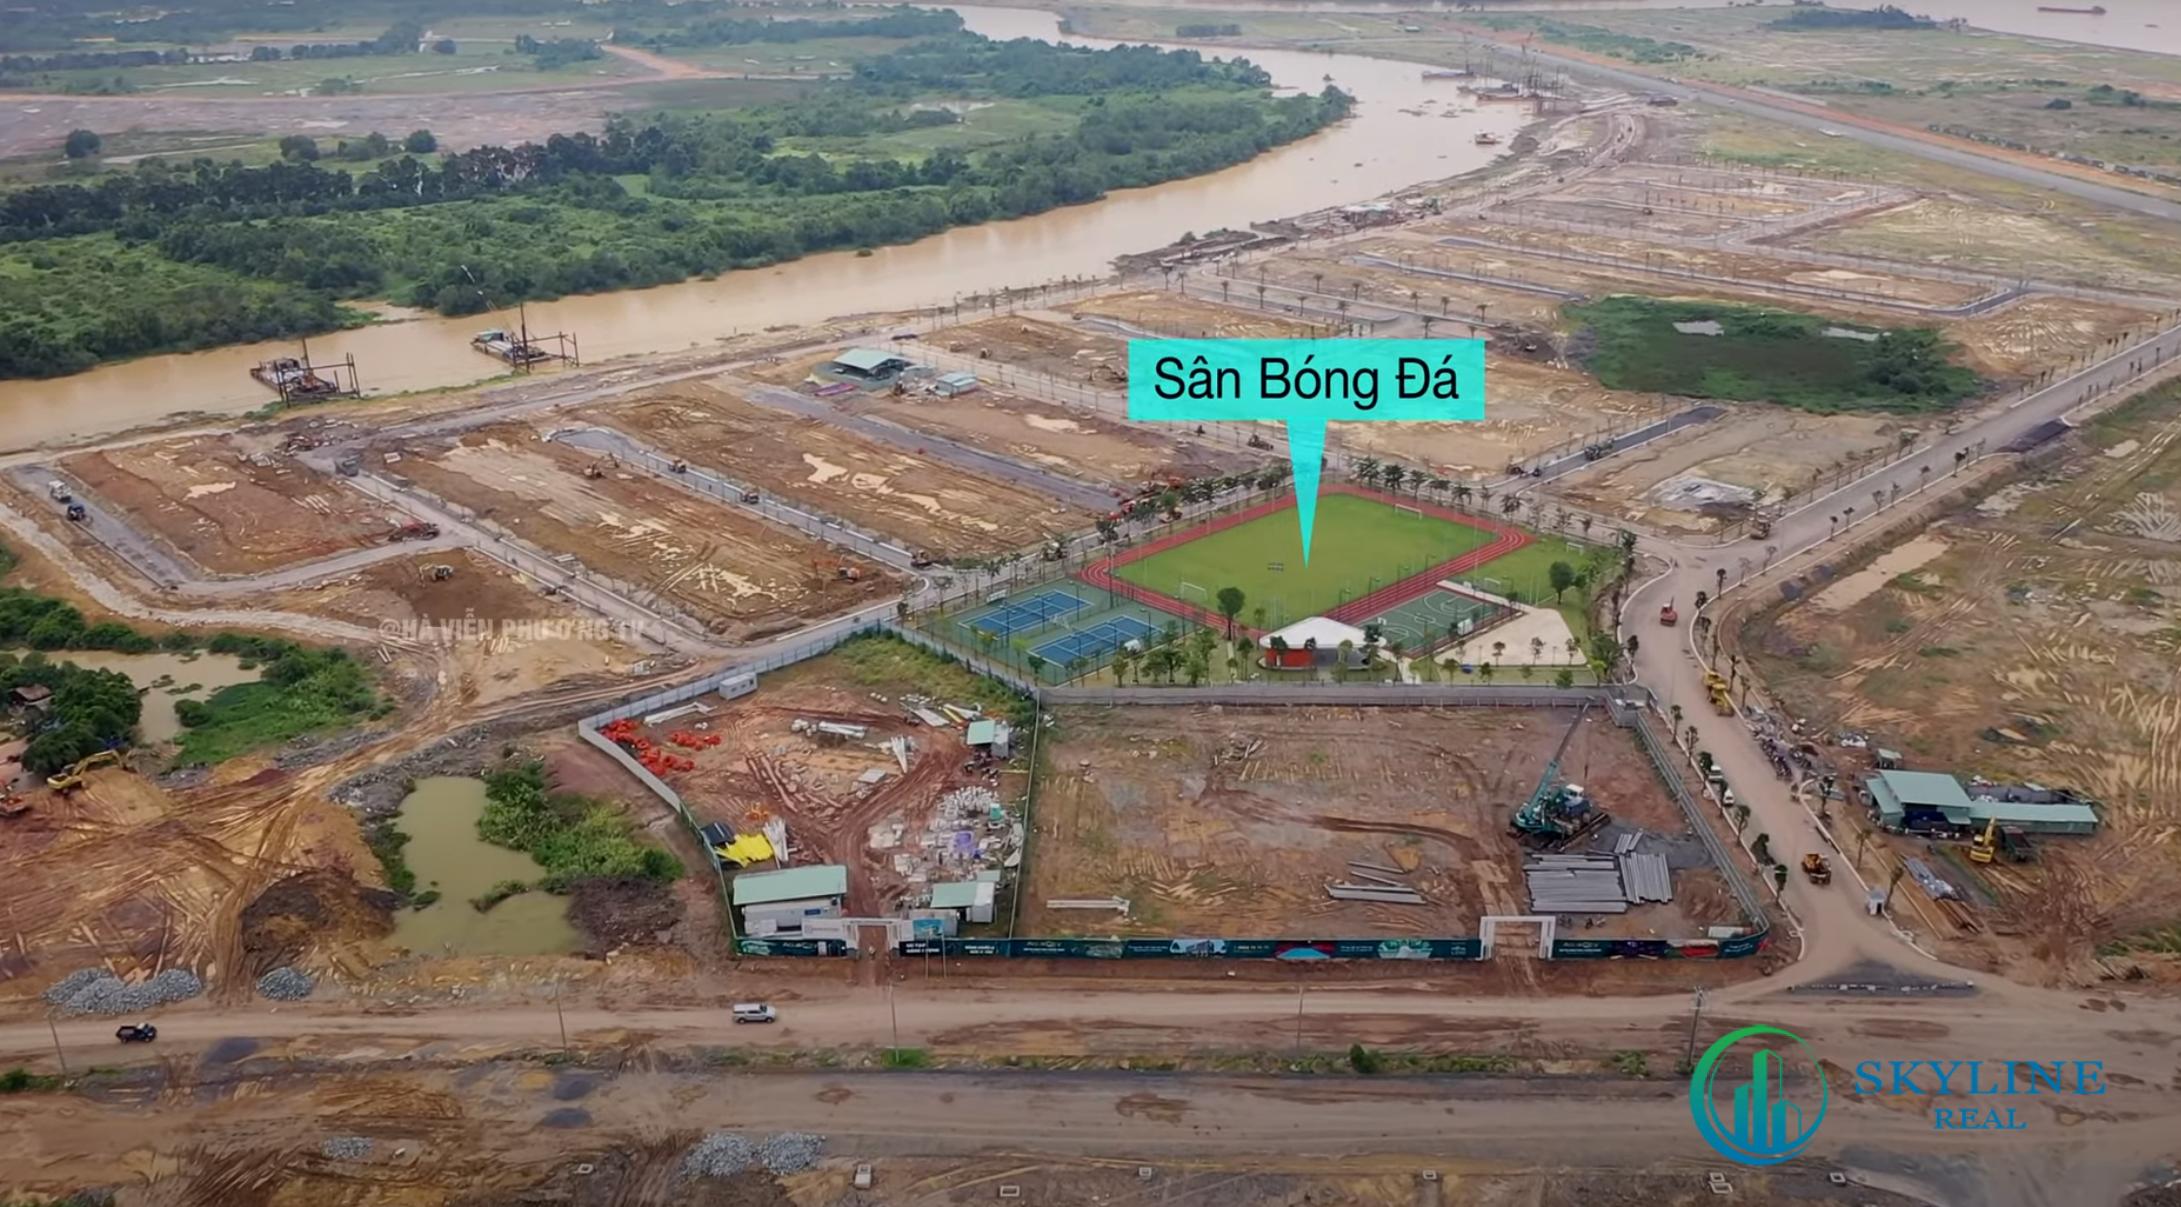 Tiện ích thể thao tại Aqua City đang được hoàn thiện